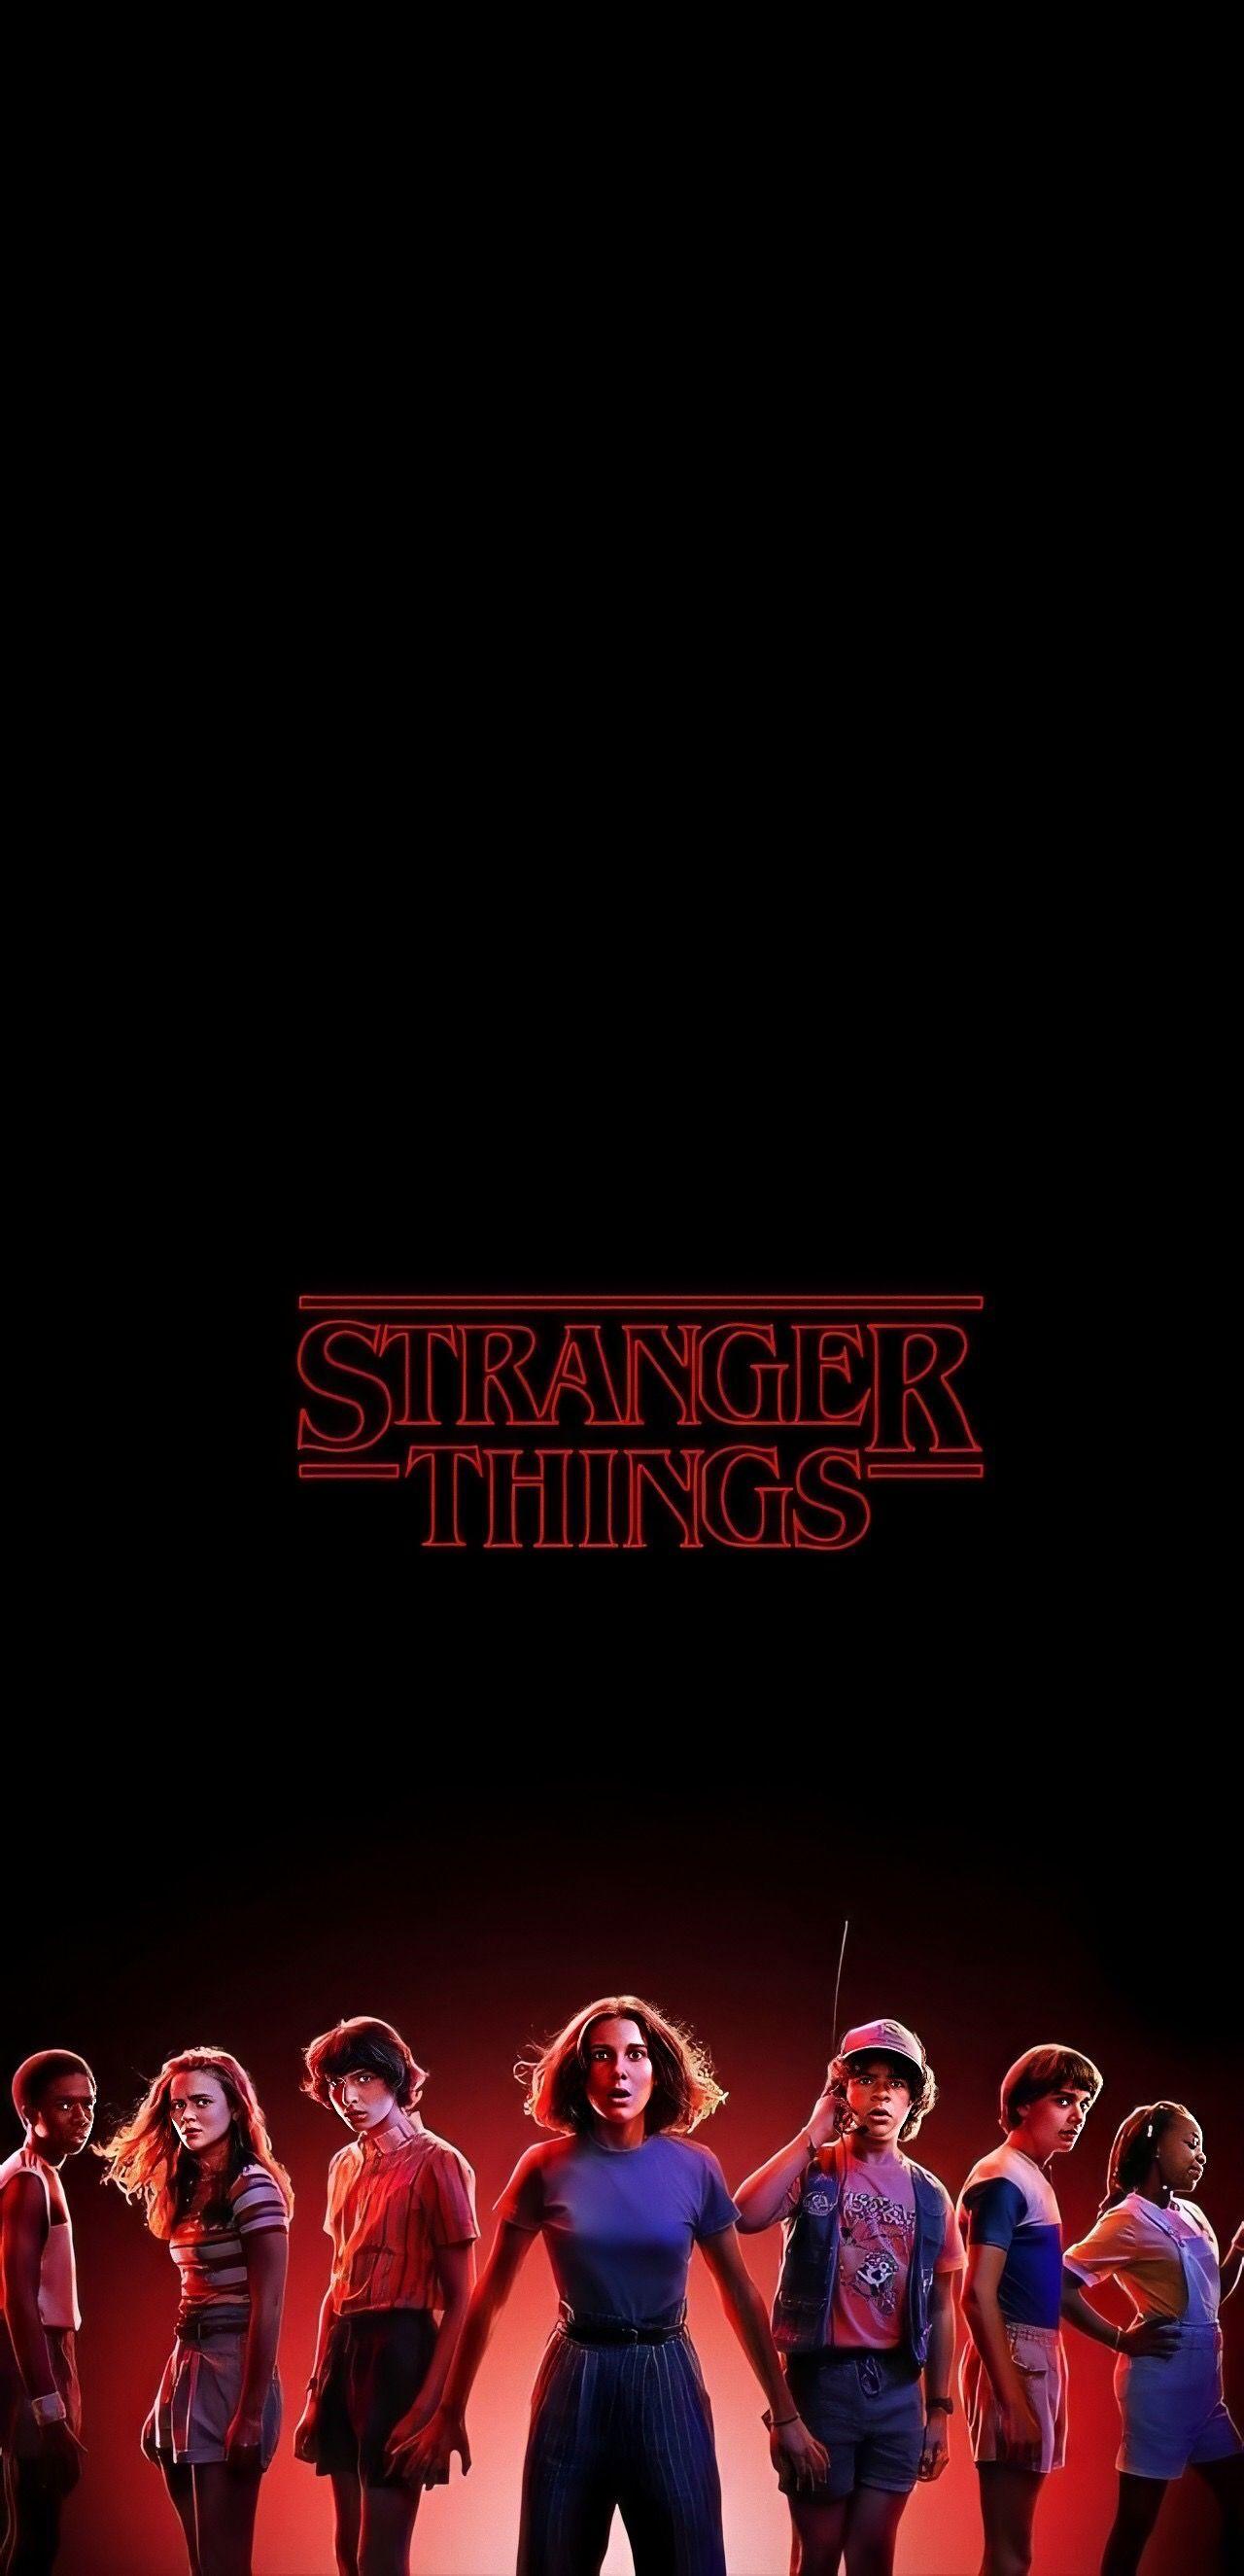 Stranger Things Stranger Things Wallpaper Red Aesthetic Stranger Things